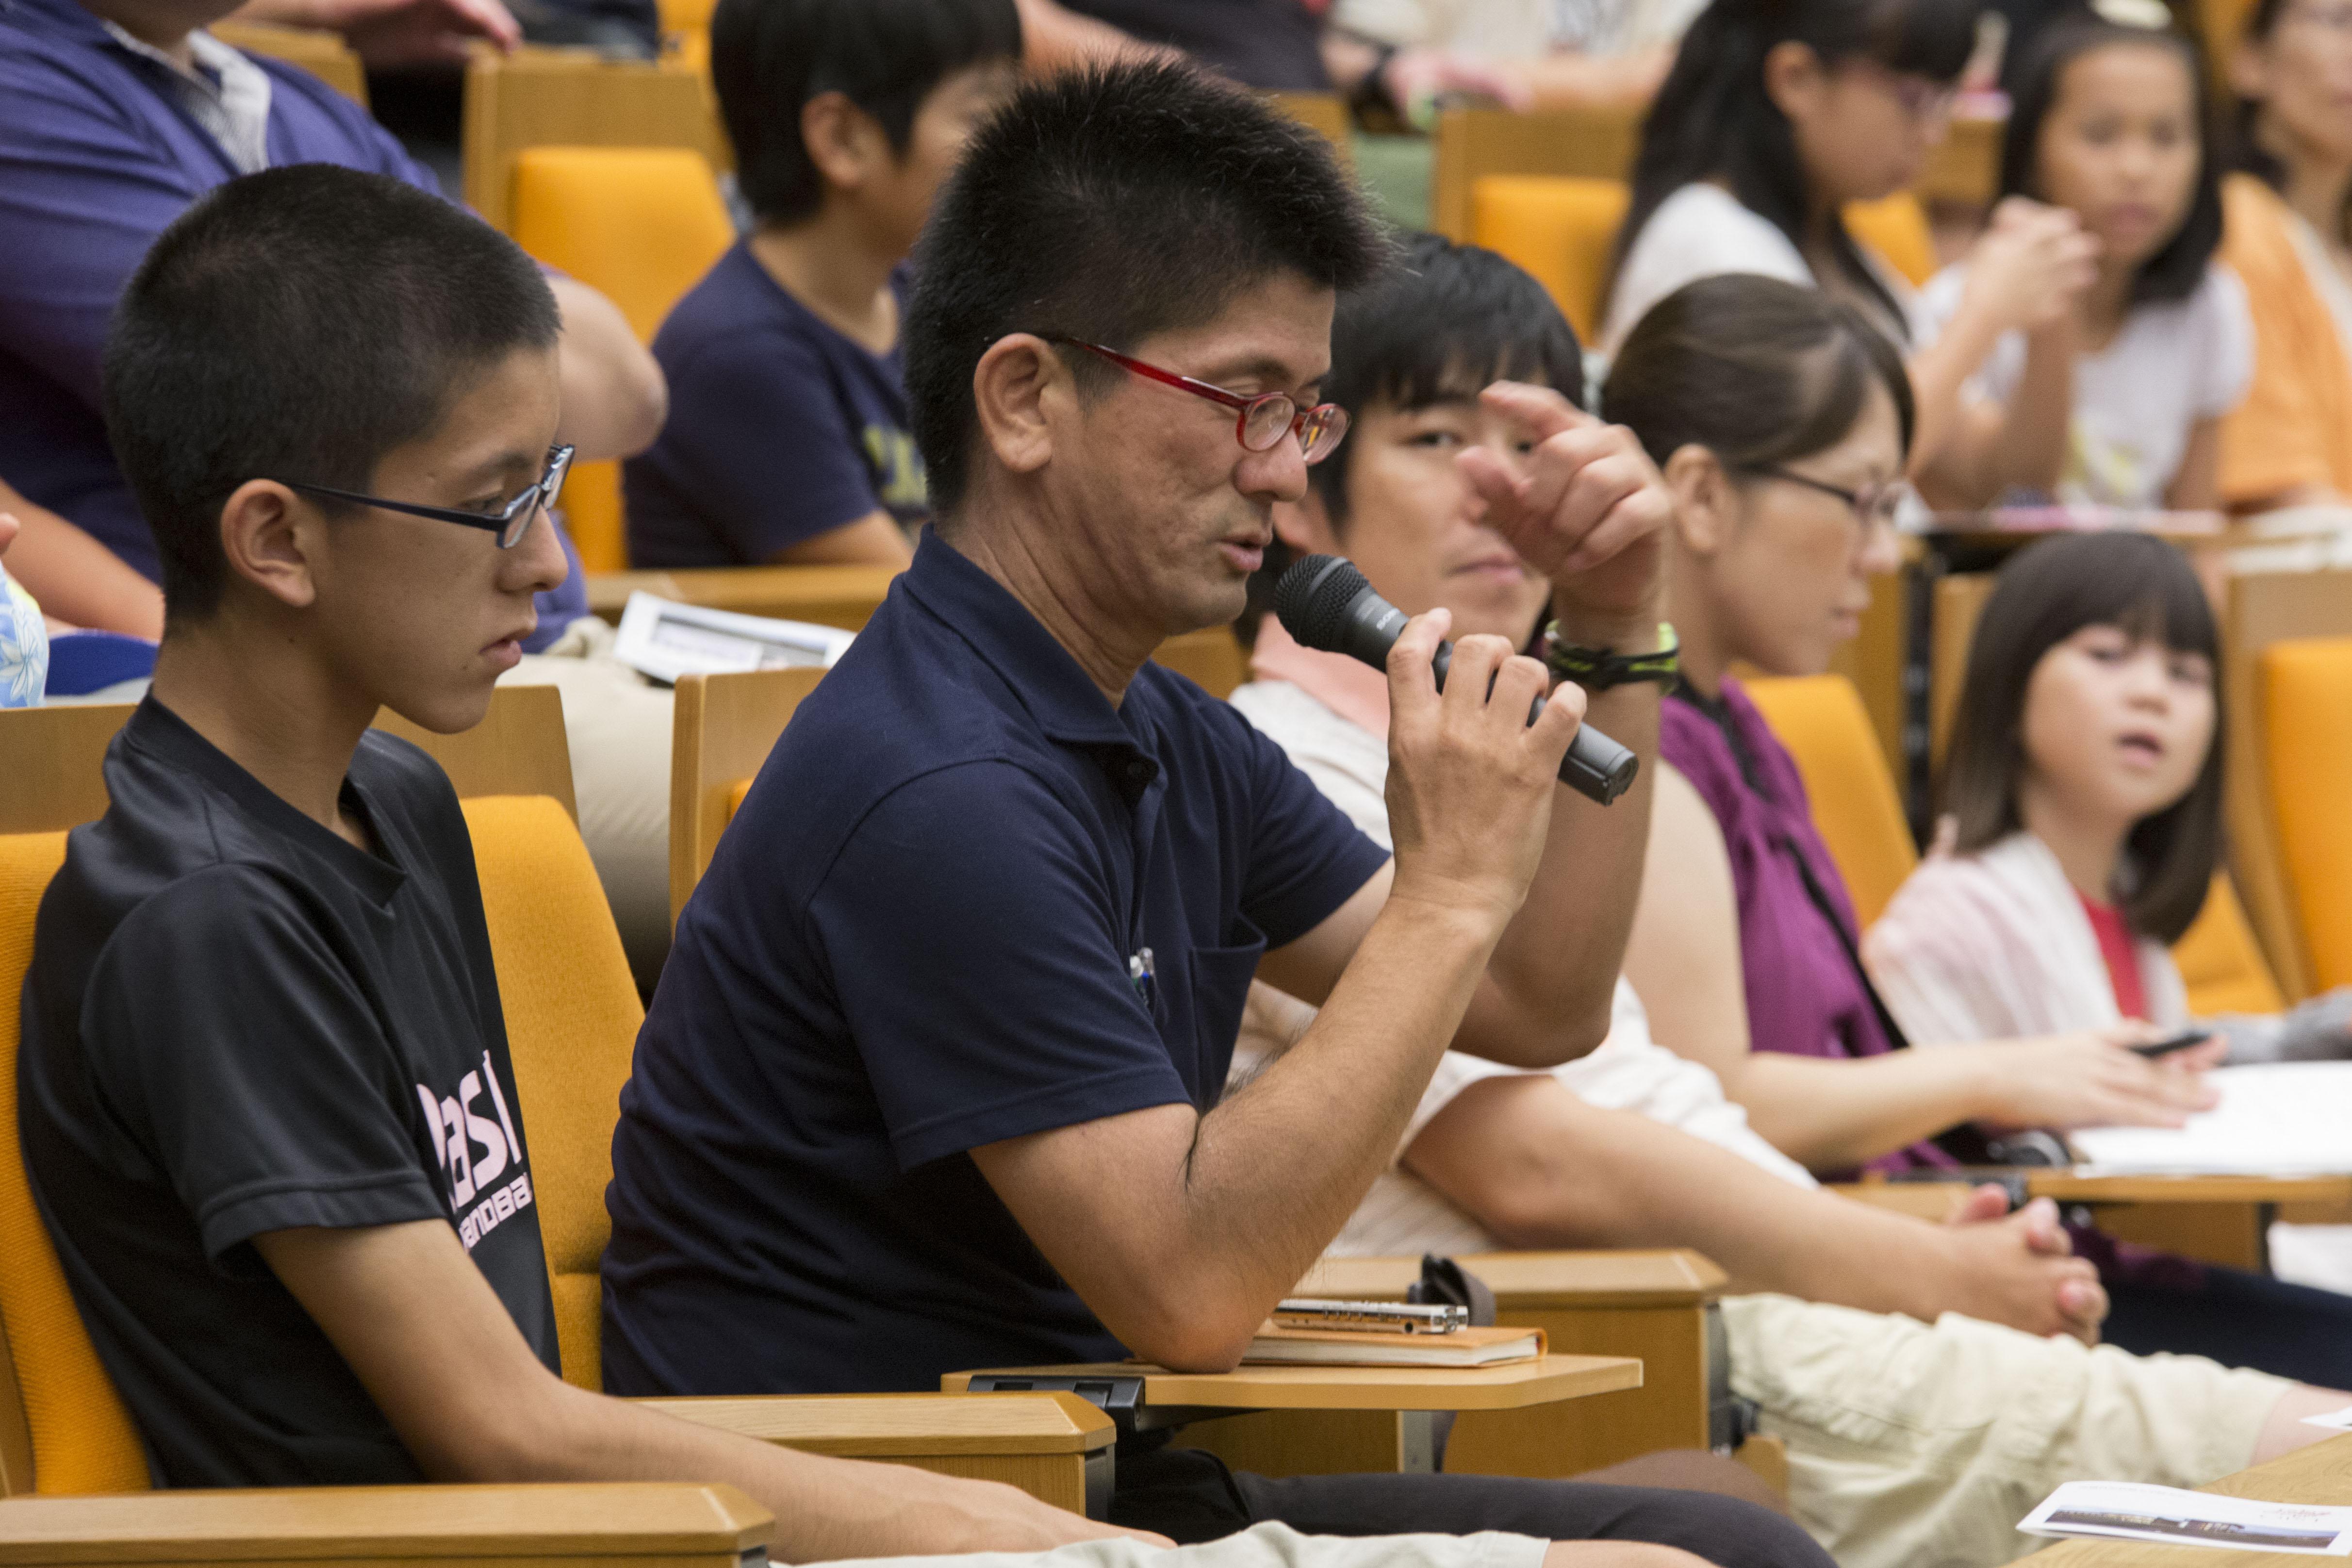 山崎直子さんの講演で質問をされる中村健さん